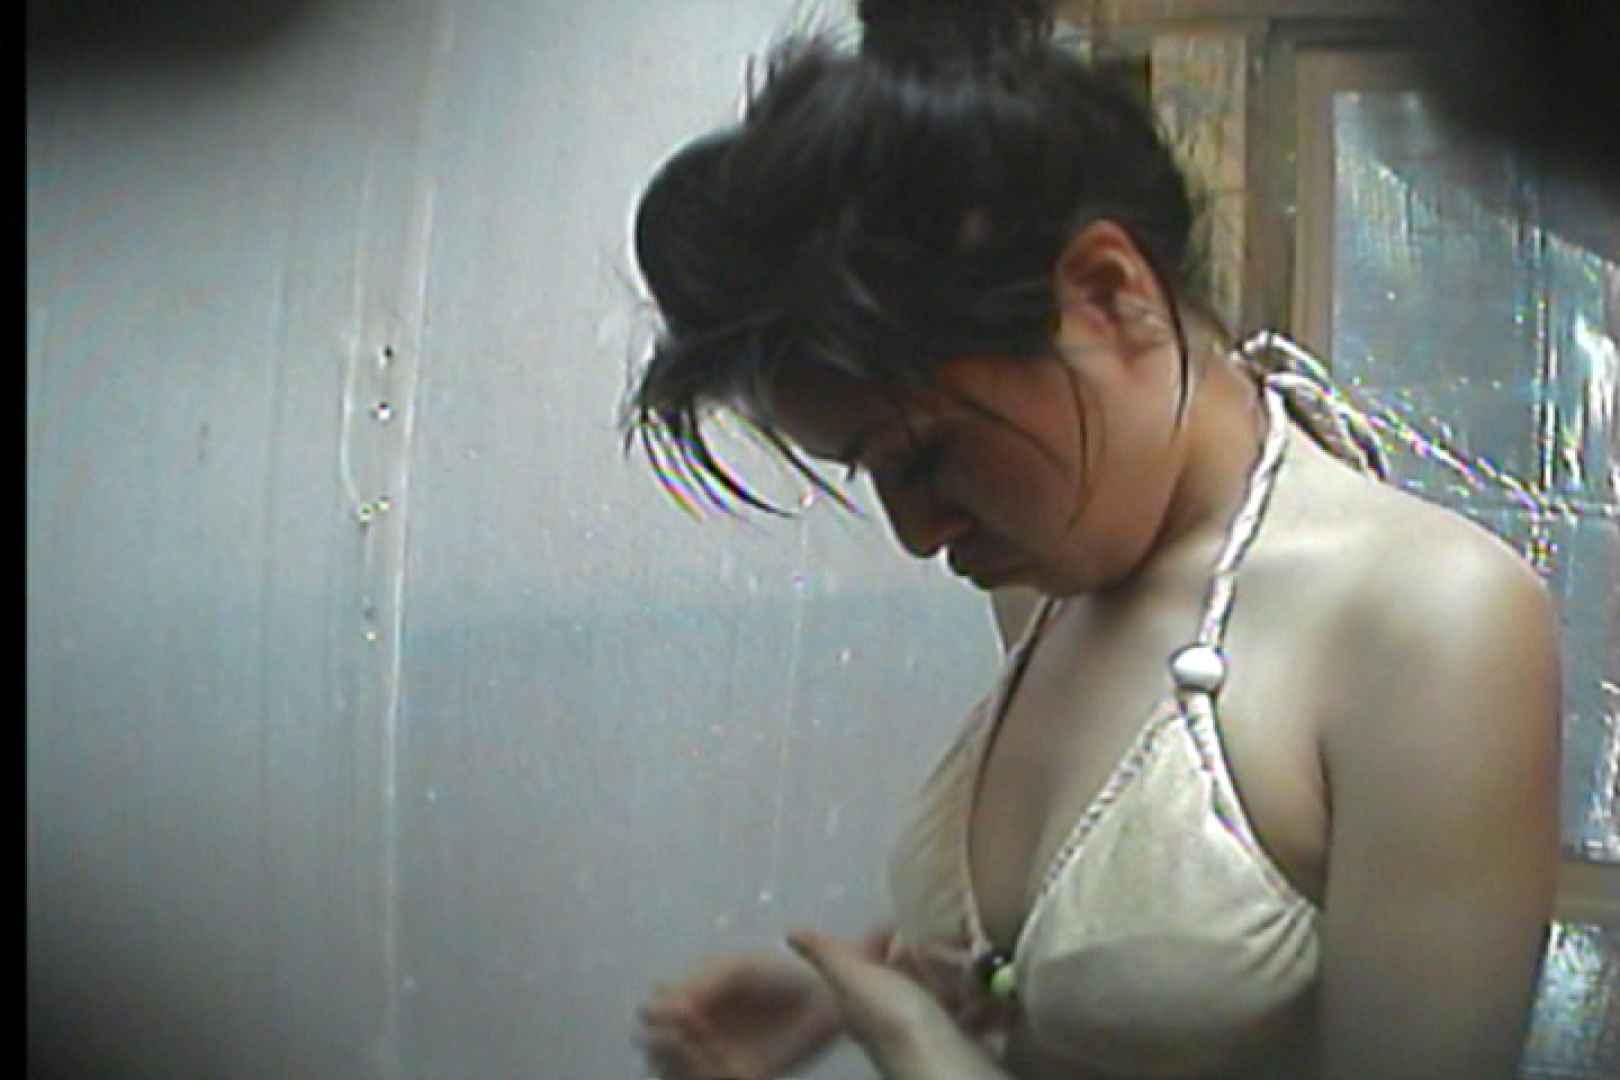 海の家の更衣室 Vol.19 シャワー室   高画質動画  56画像 41